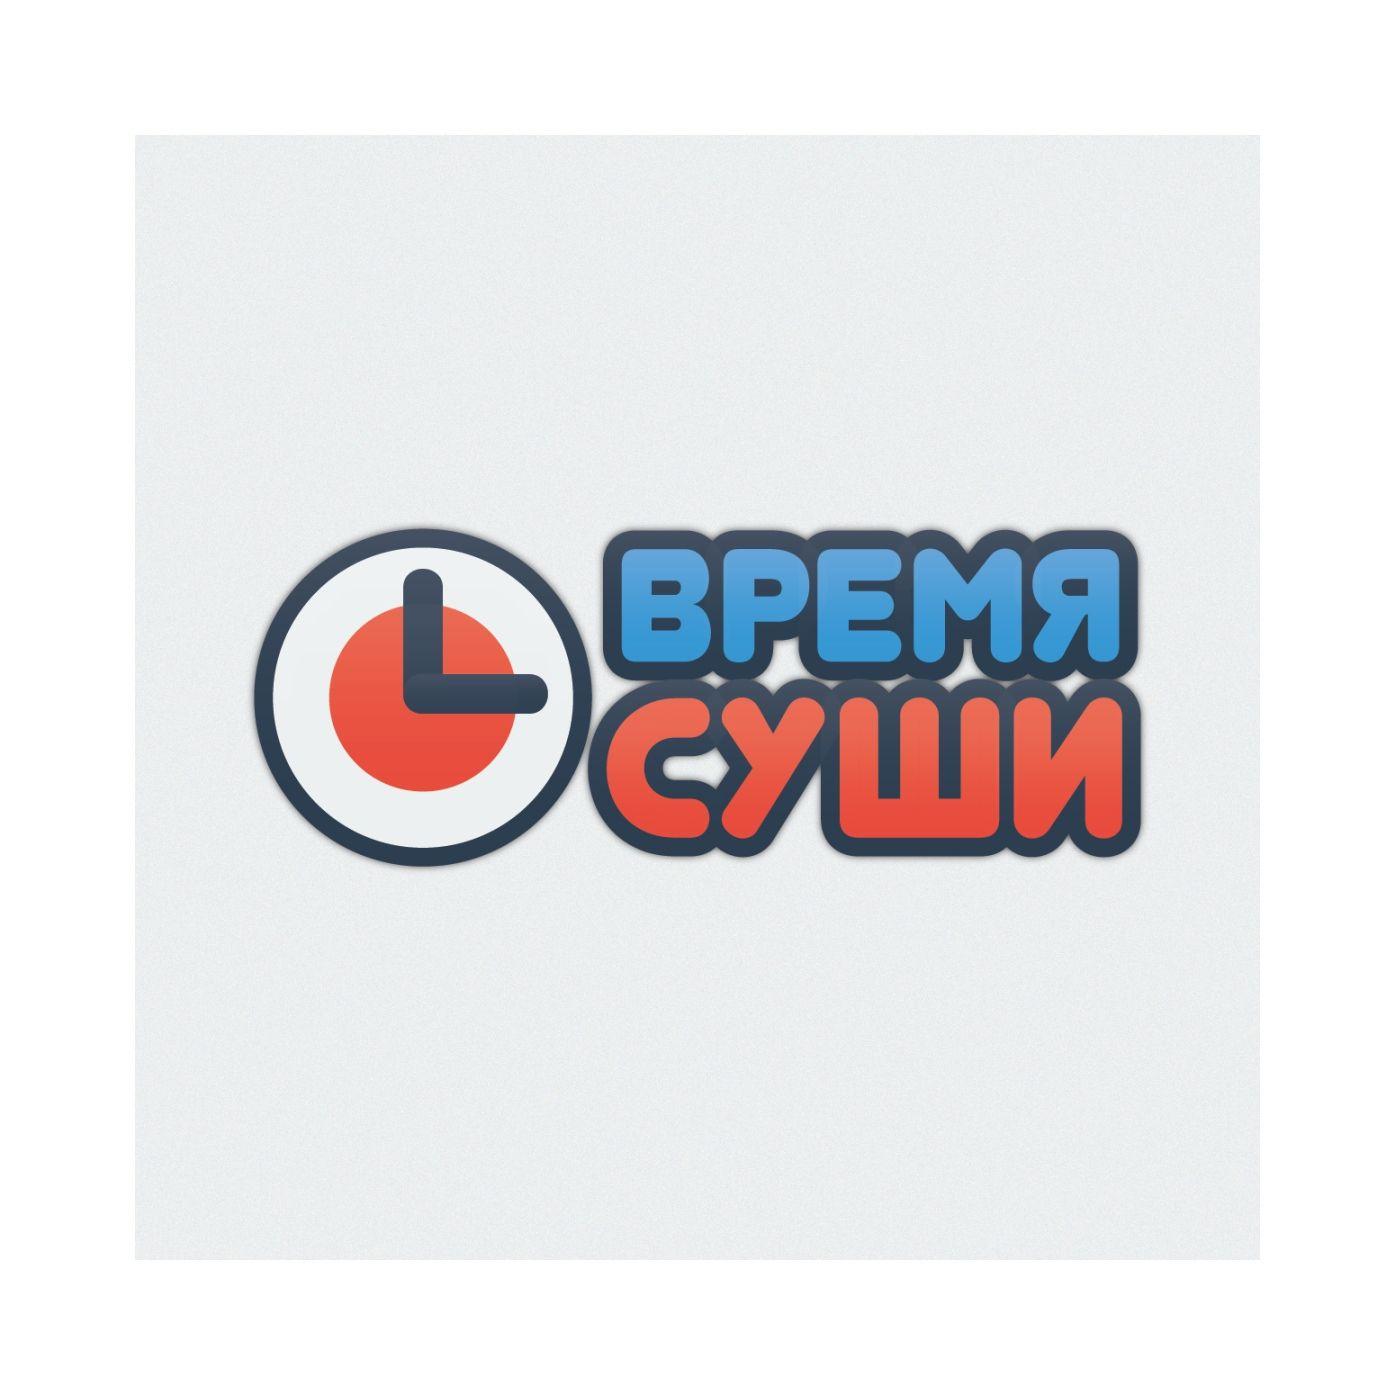 Рестайлинг логотипа для  доставки Время Суши - дизайнер klyax